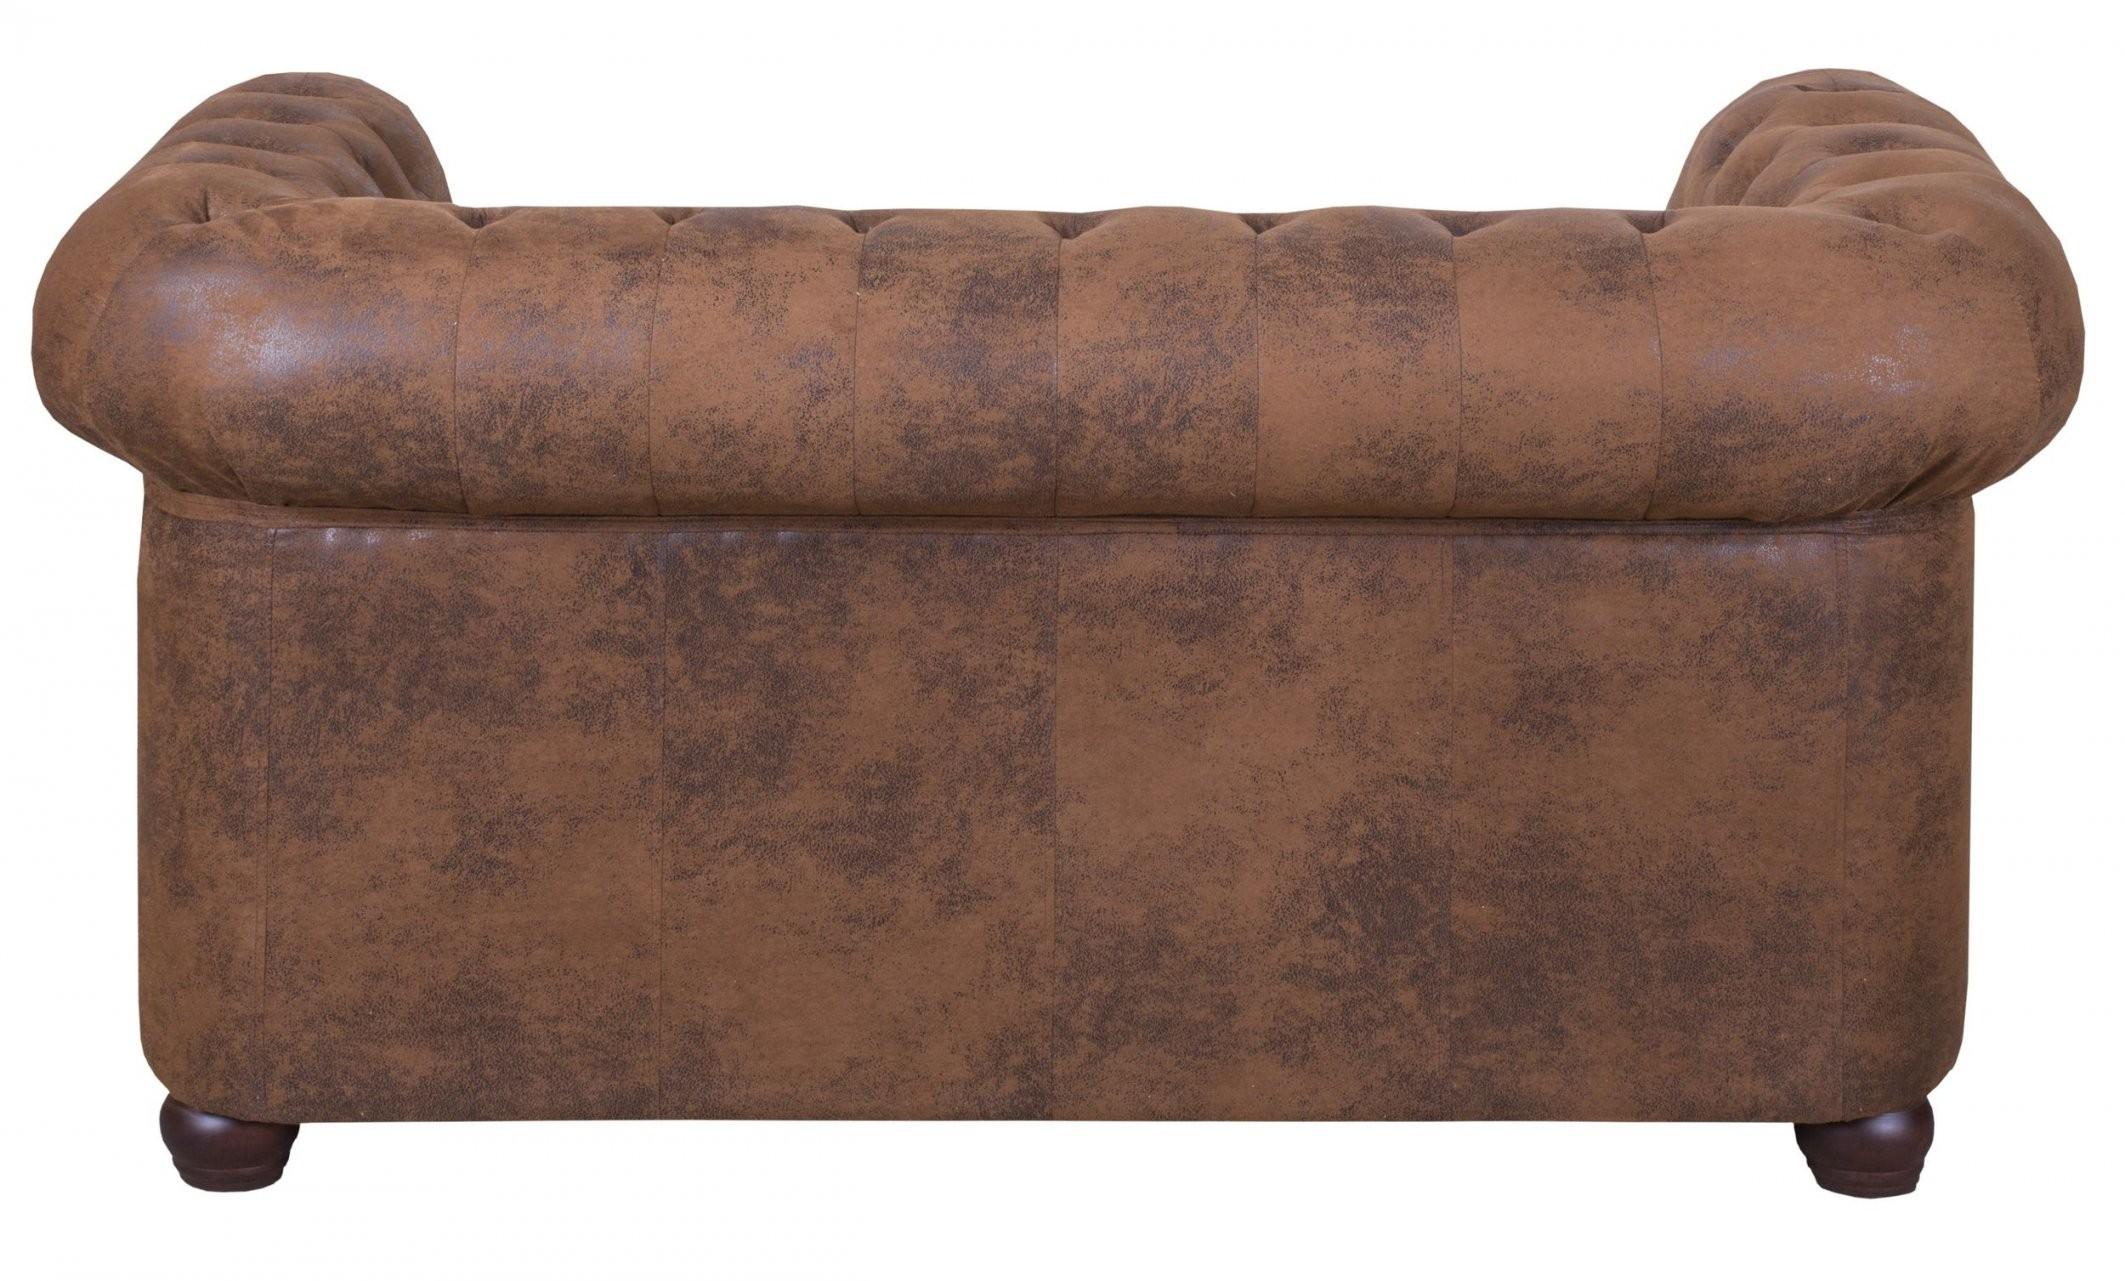 Edles Chesterfield Sofa 2 Sitzer In Mikrofaser Vintage Braun Couch von Sofa 2 Sitzer Billig Bild